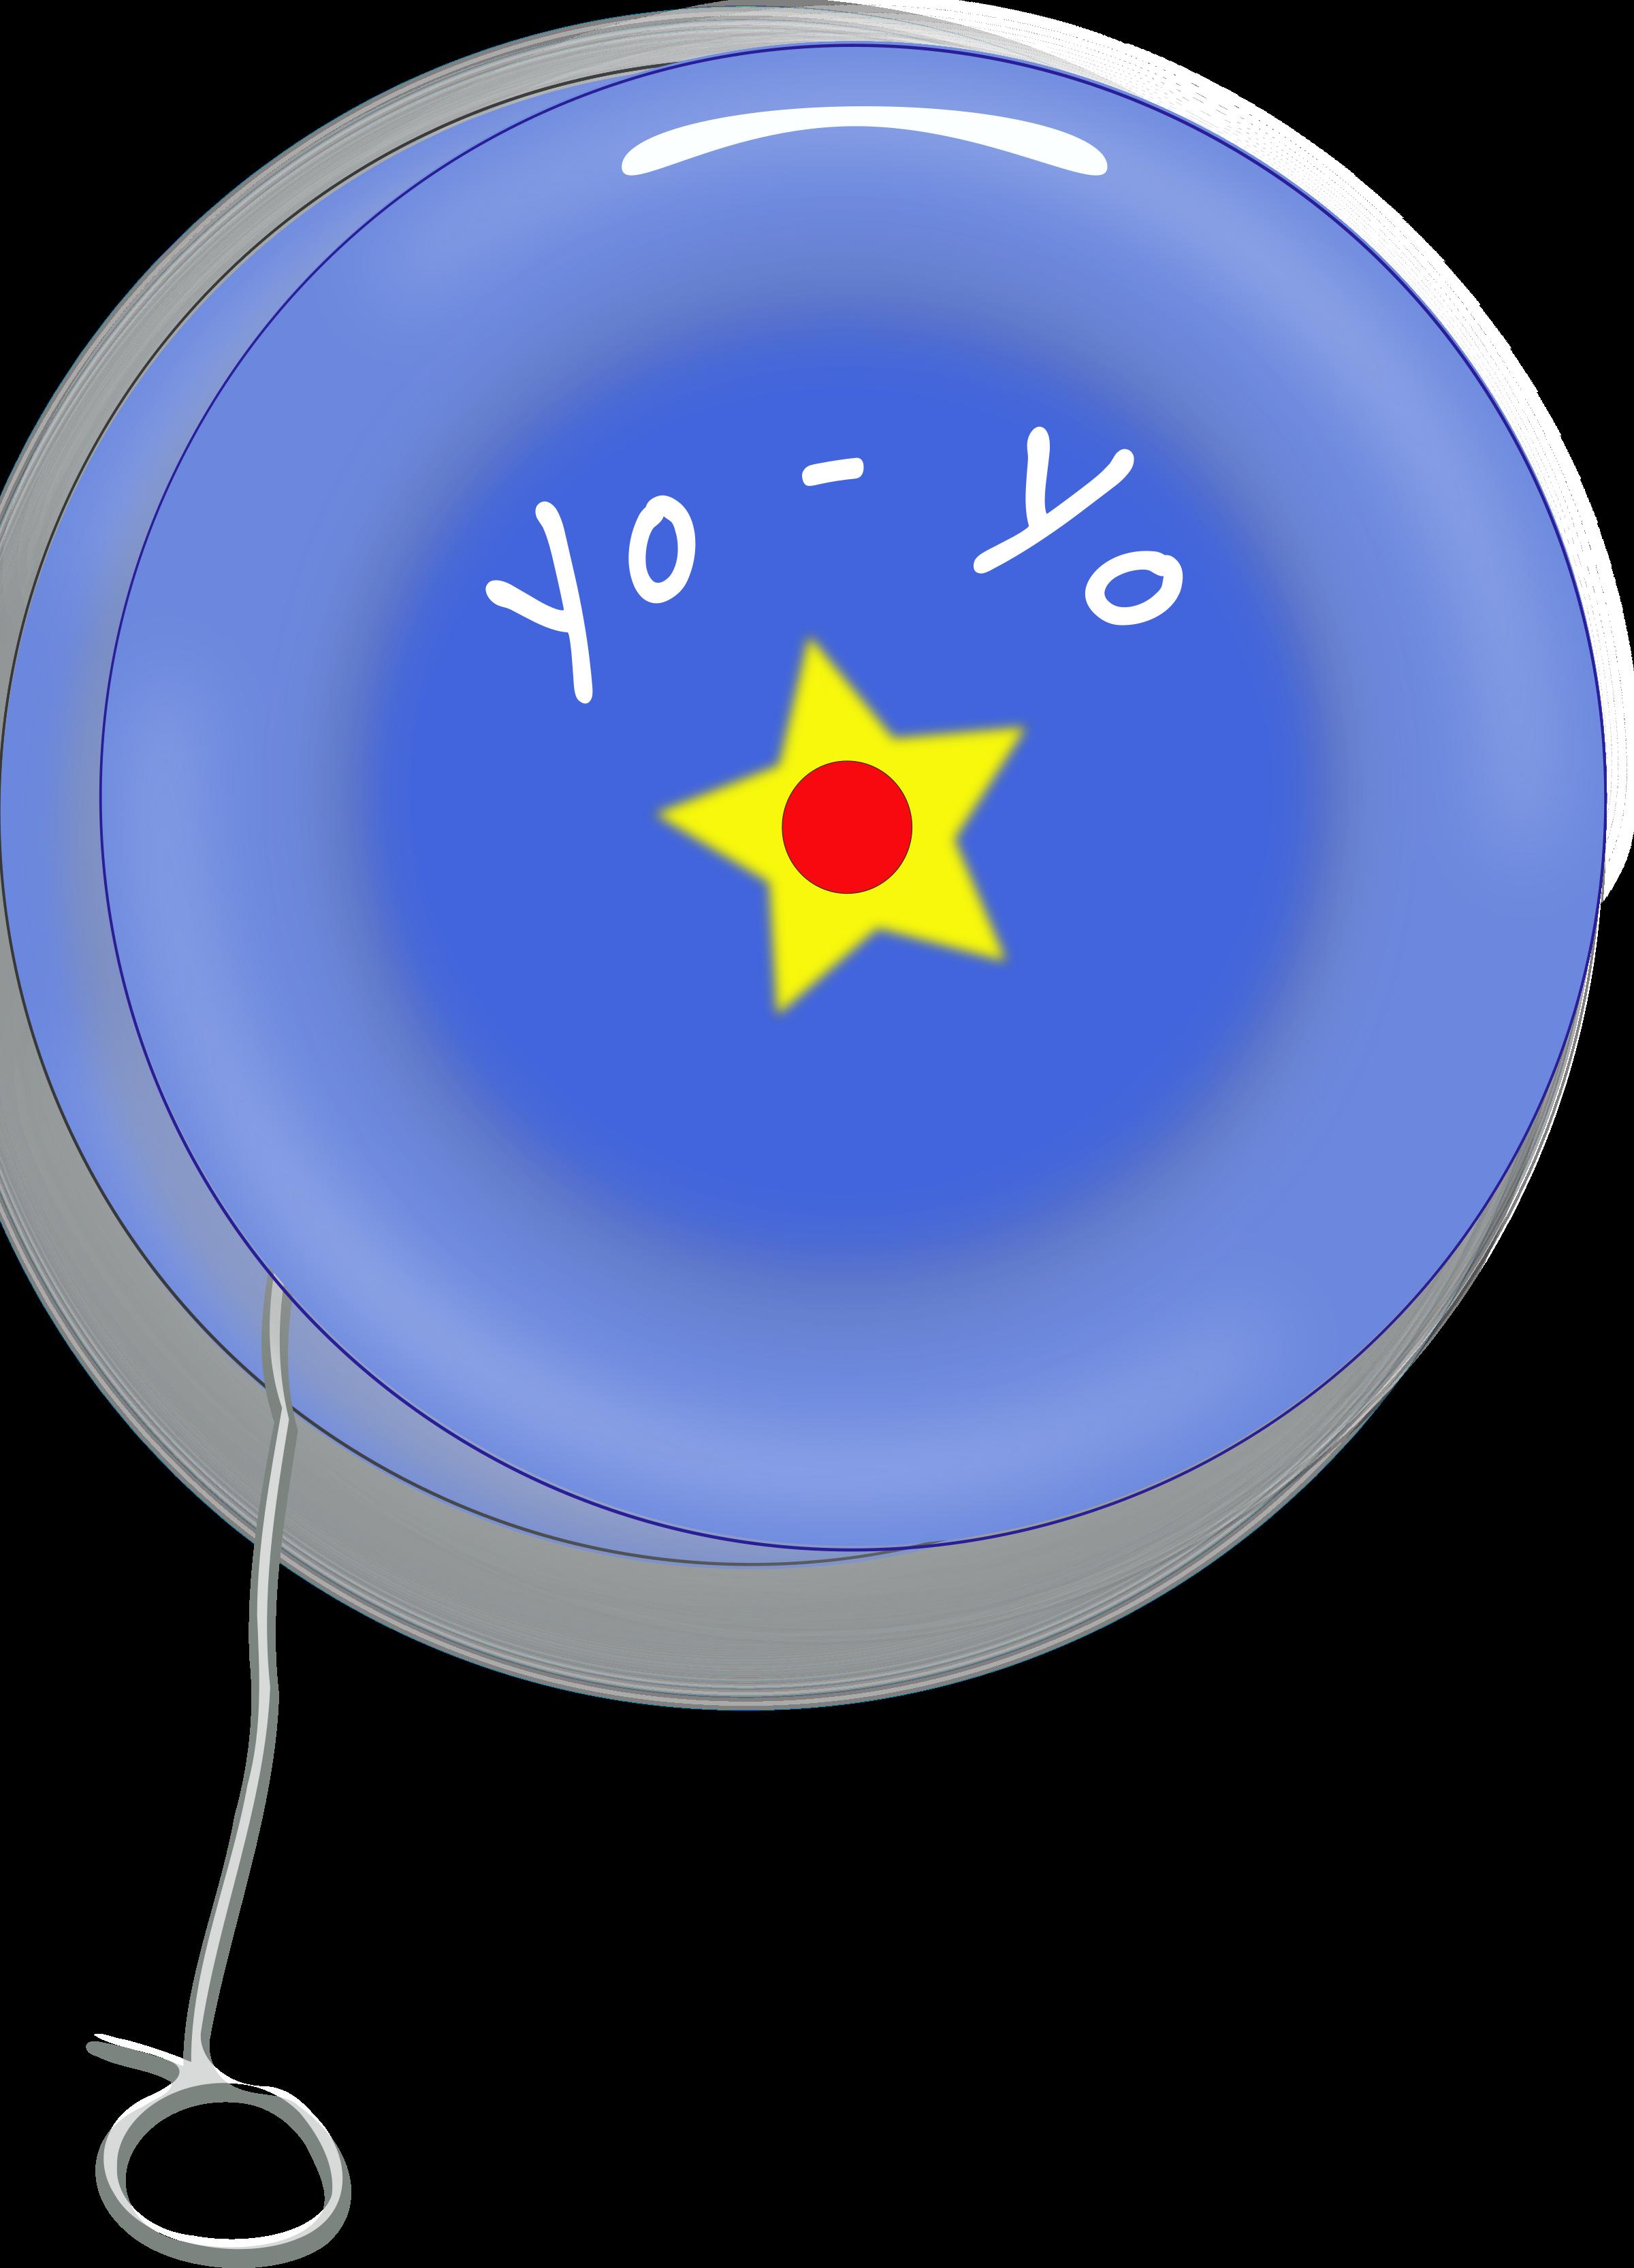 Clipart - Vintage Yo-Yo for Clipart Yoyo  177nar